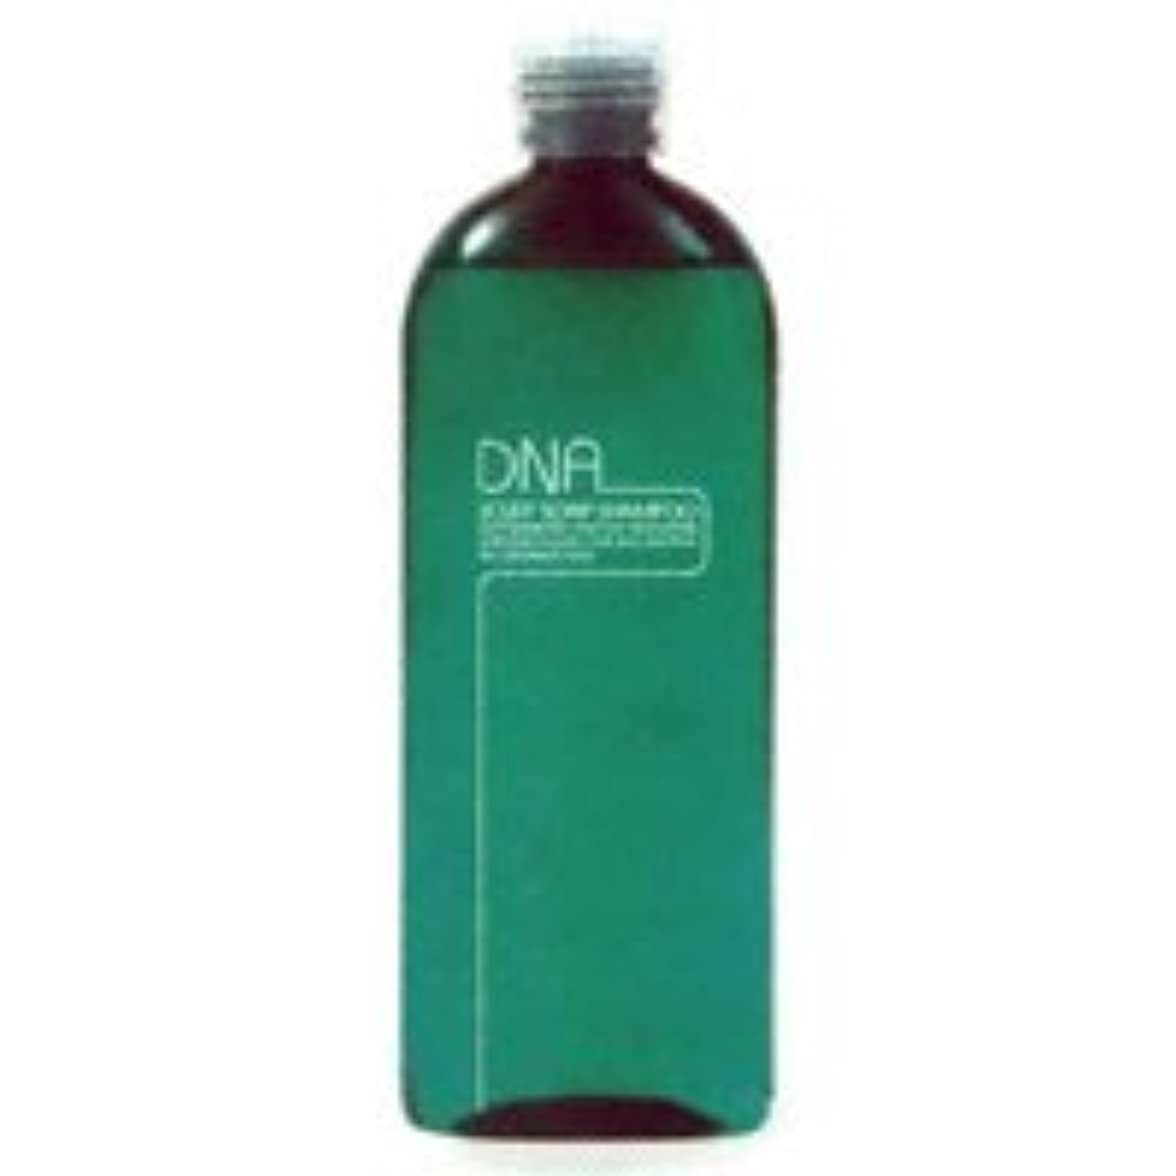 水平大統領浅いハツモール ビューティ スカーフソープ DNAシャンプー 350ml/薄毛、抜け毛が気になる方のための低刺激、弱酸性シャンプー